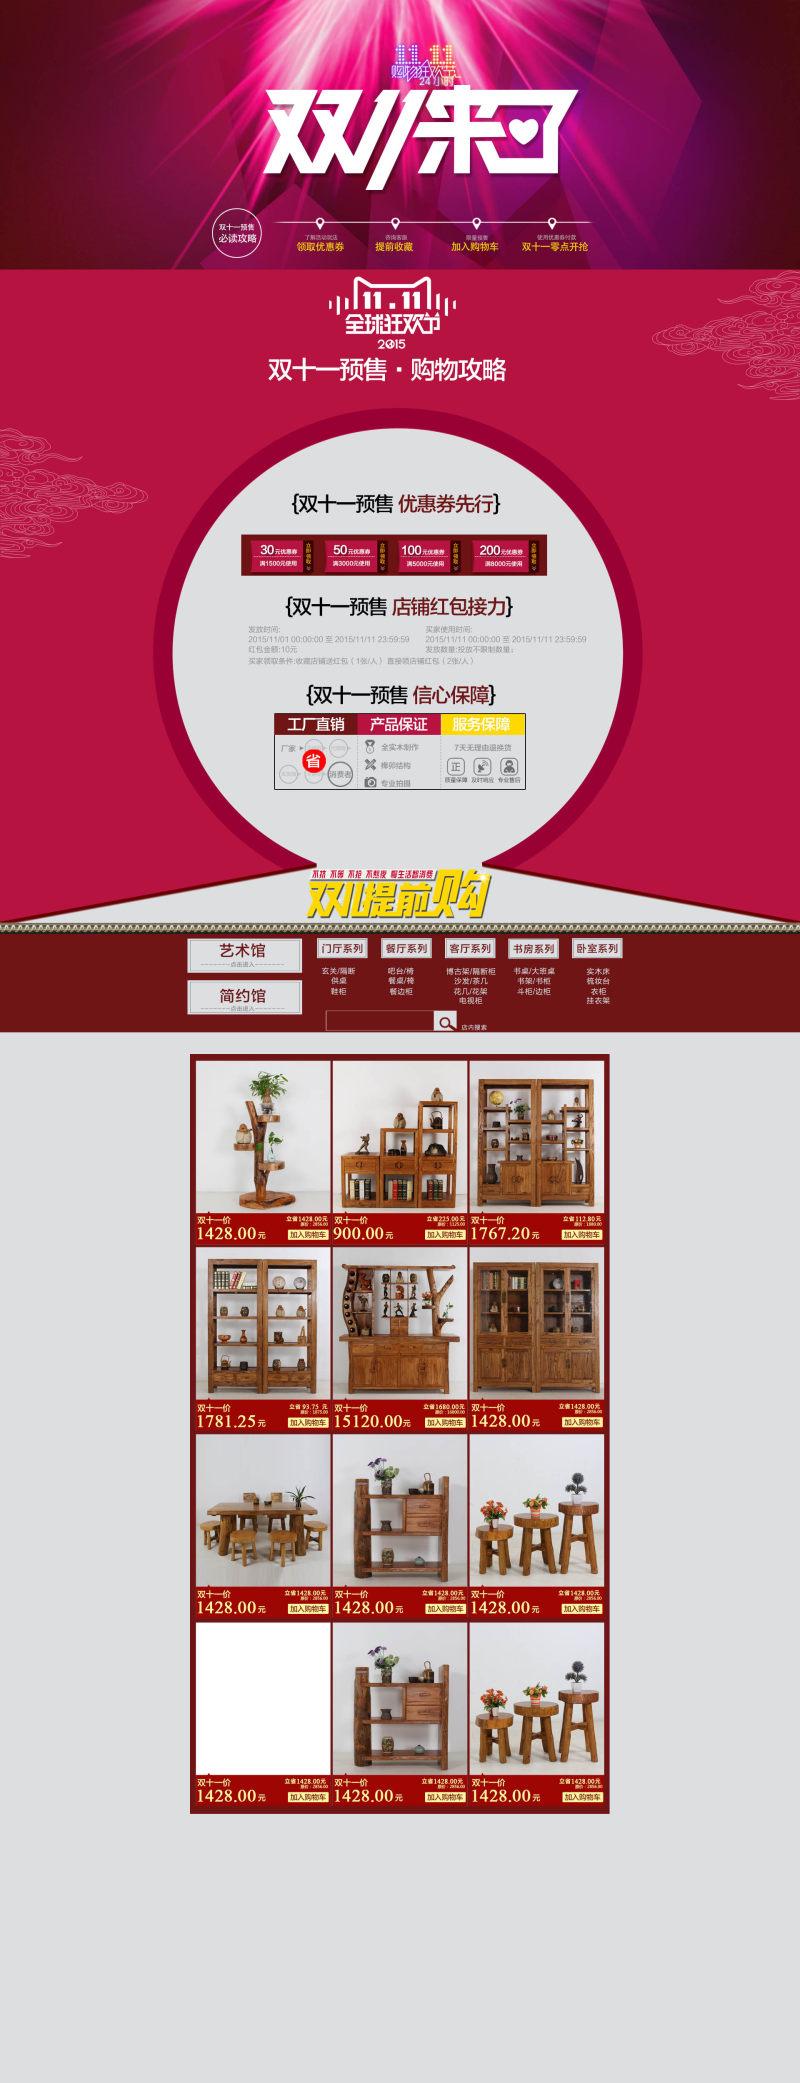 双十一艺术家具网页模板设计psd素材